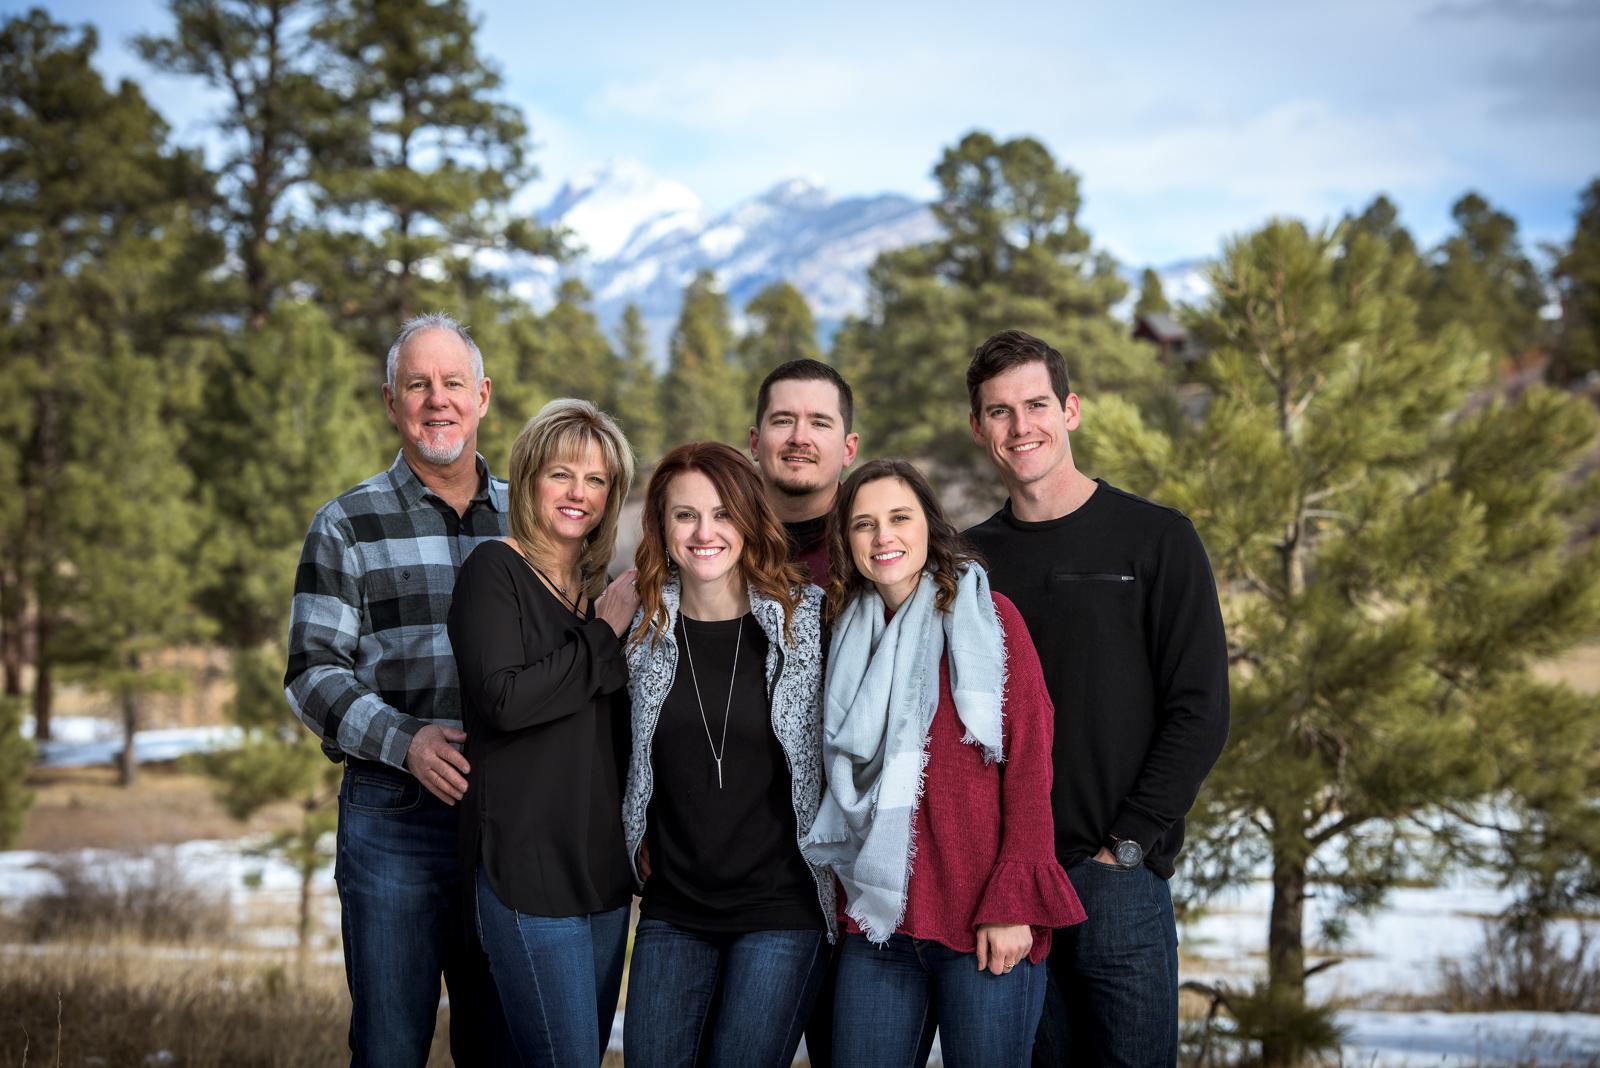 Nelson Family Portraits | Durango Colorado